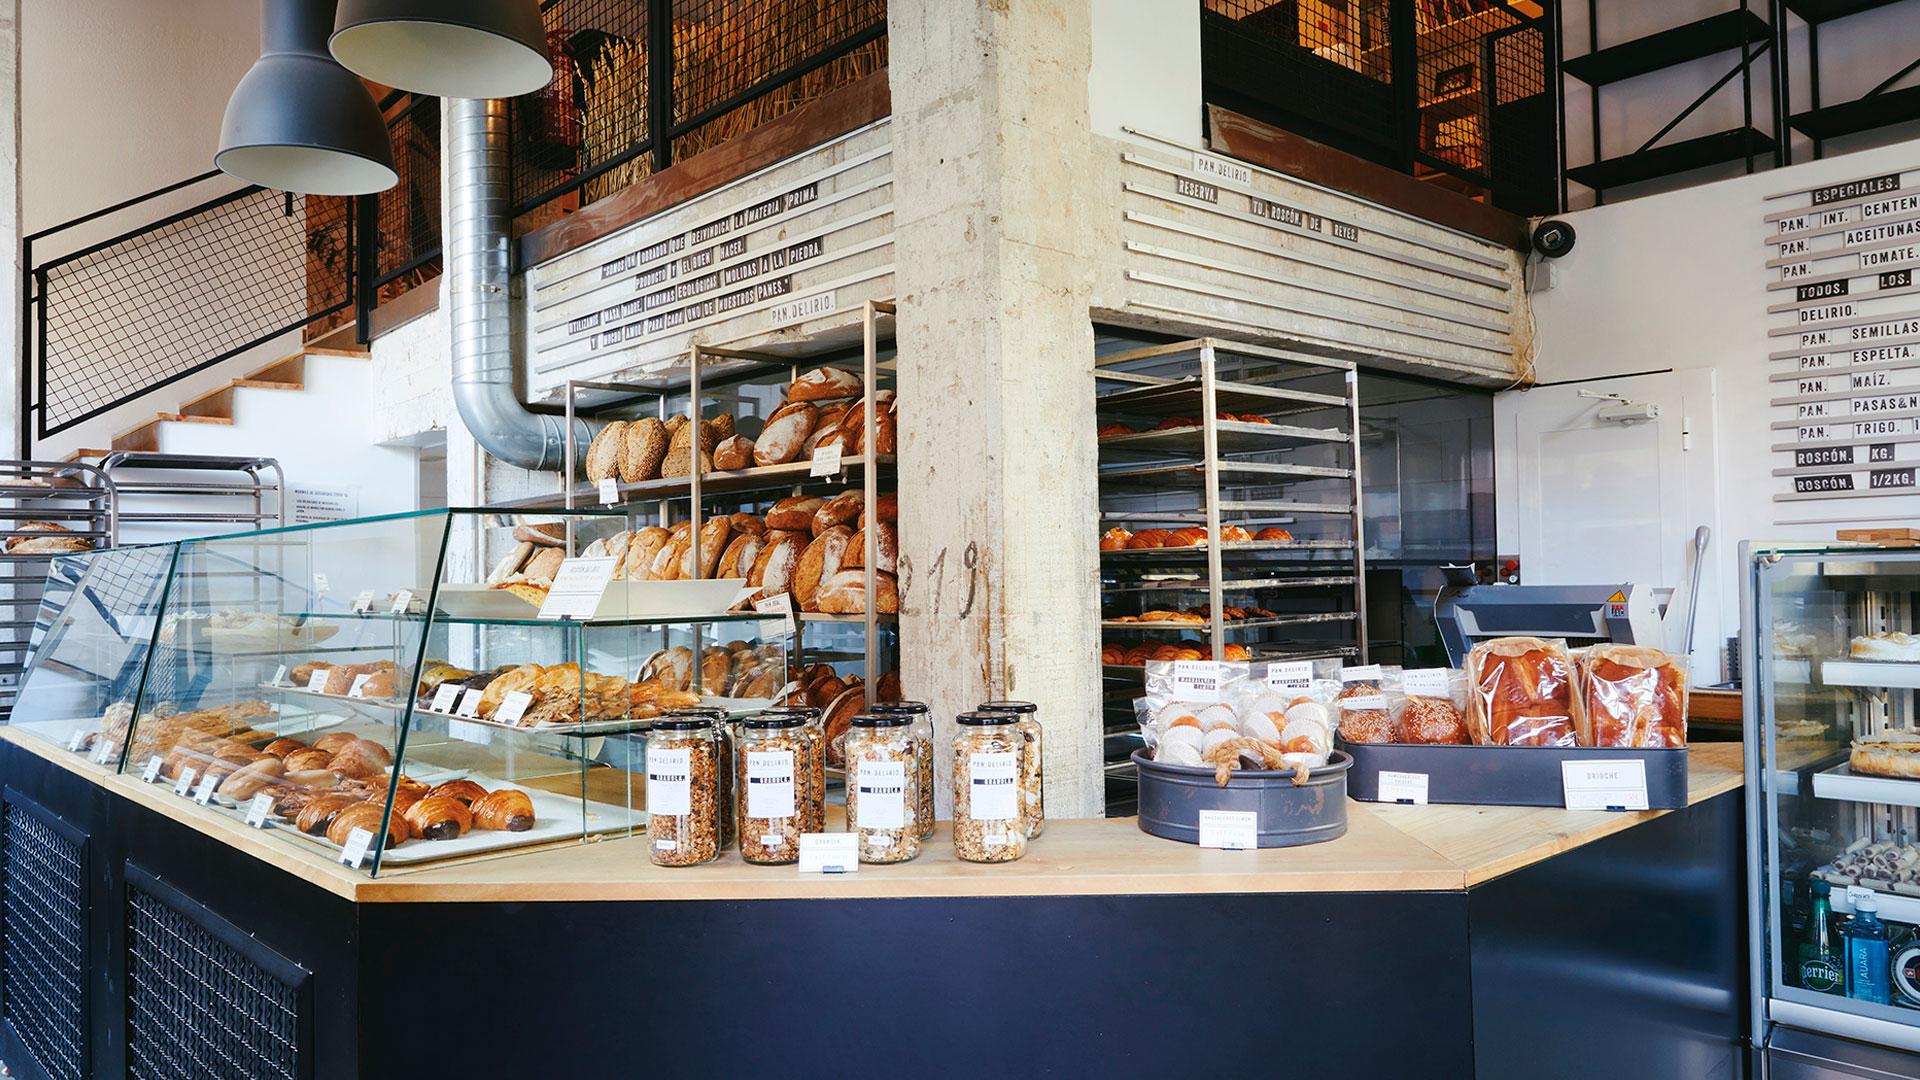 Imagen de la panadería Pan Delirio